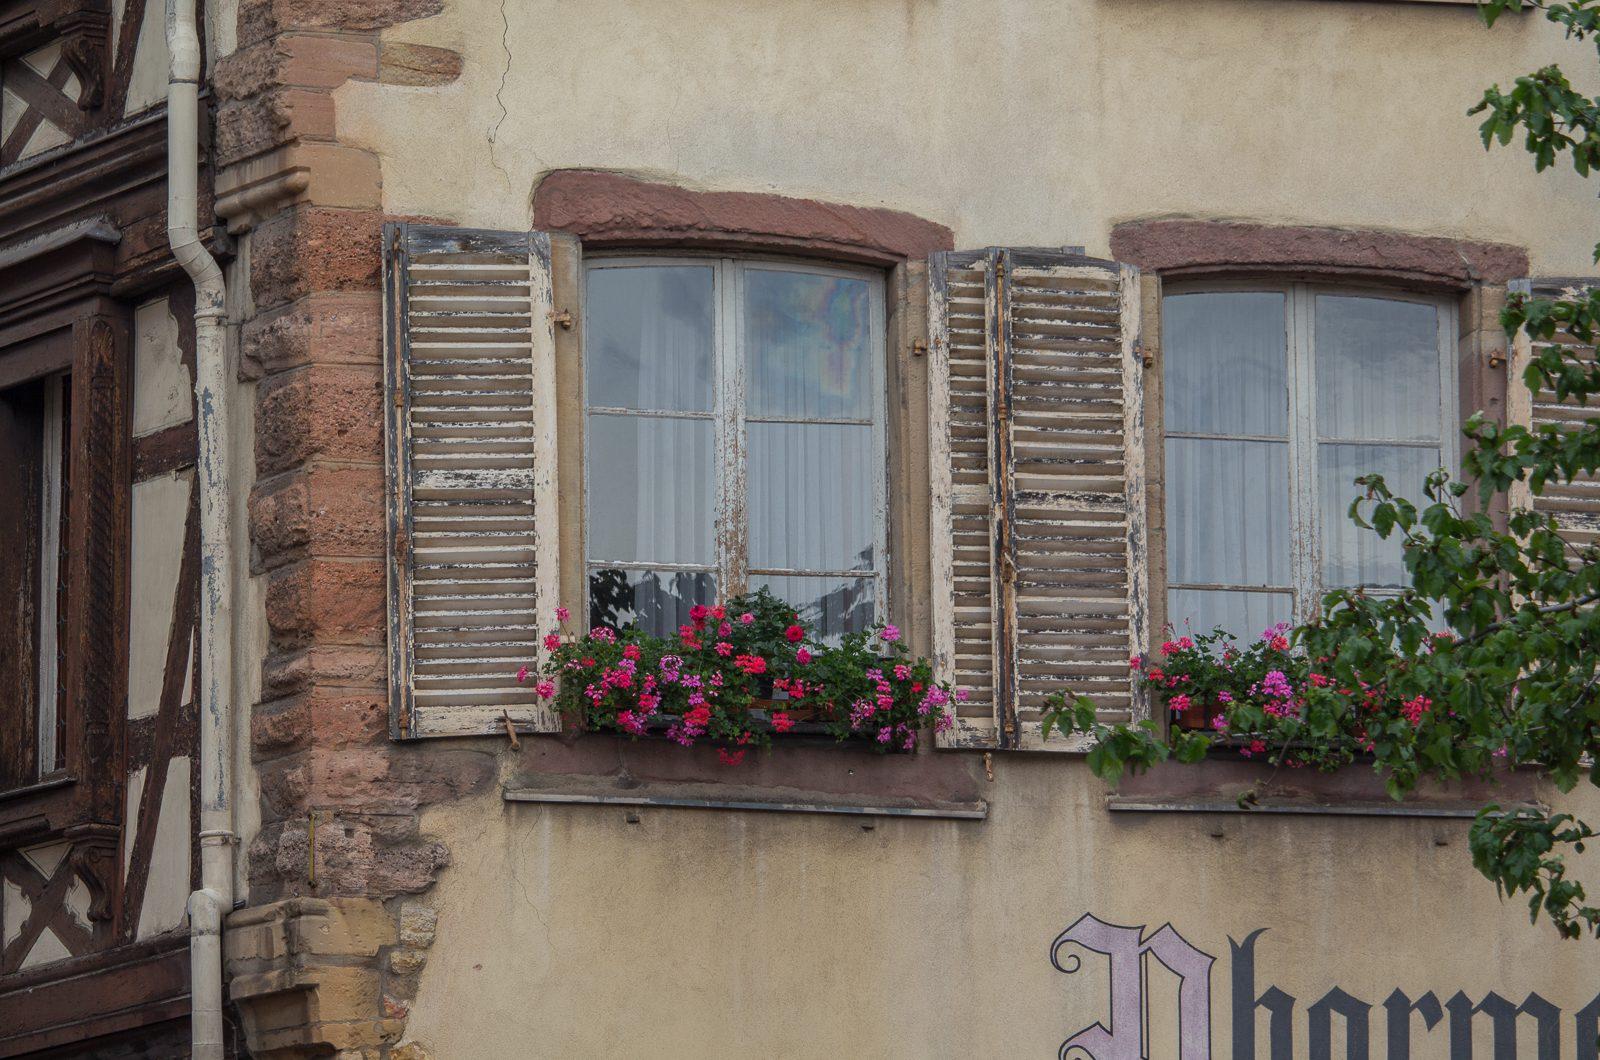 elsass_frankreich_colmar_vielweib_reiseblog-7124